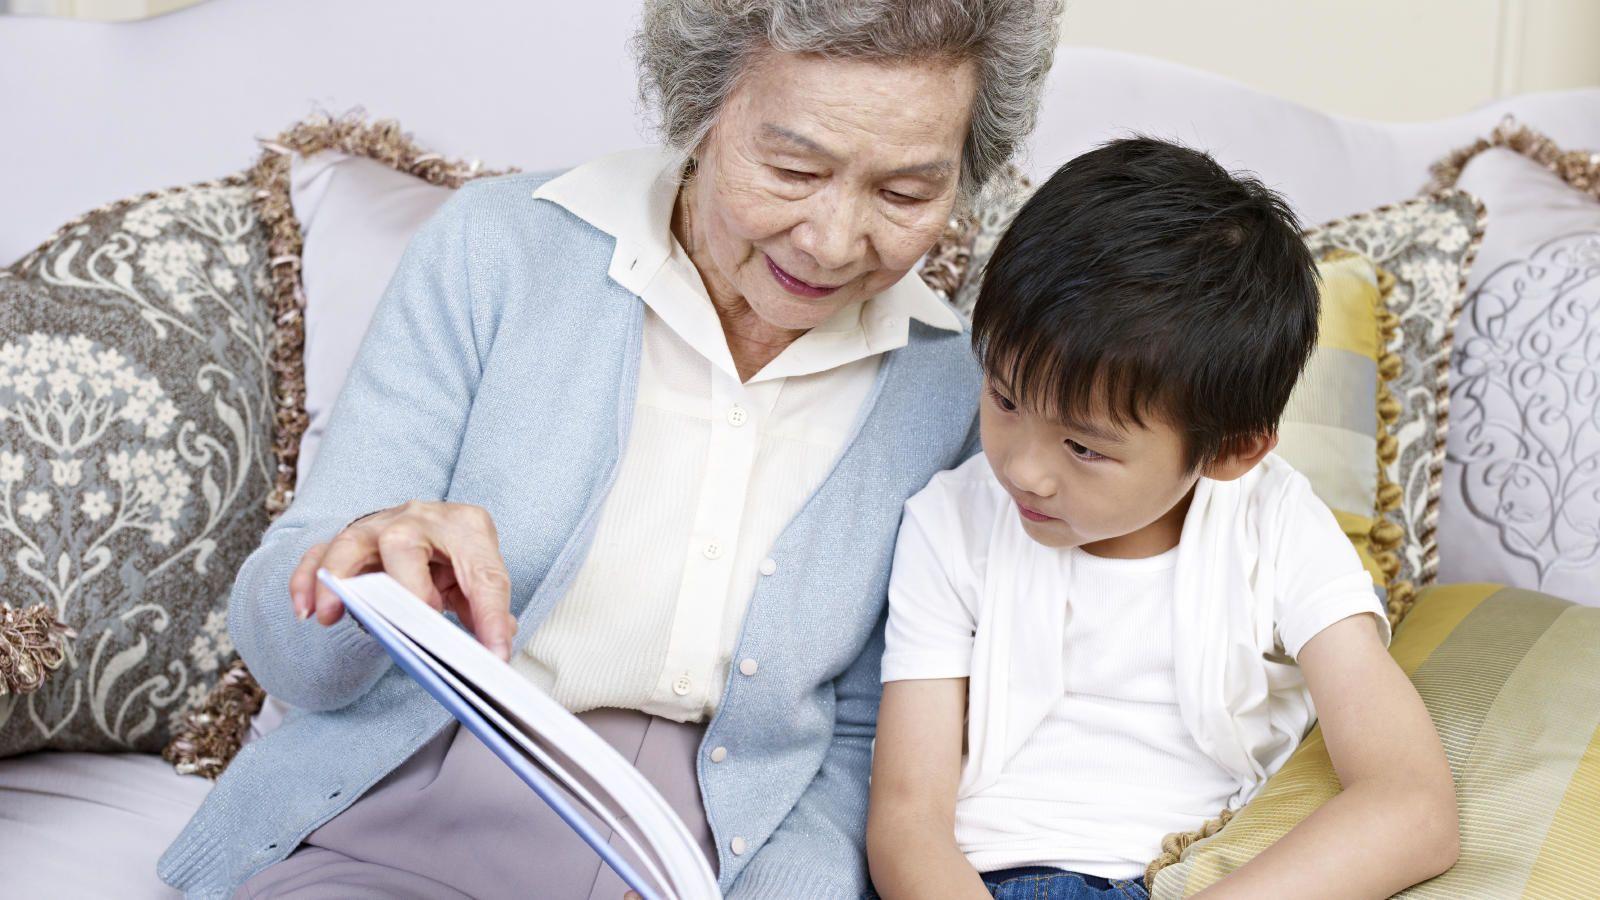 3. Si Kecil sulit membaca menulis